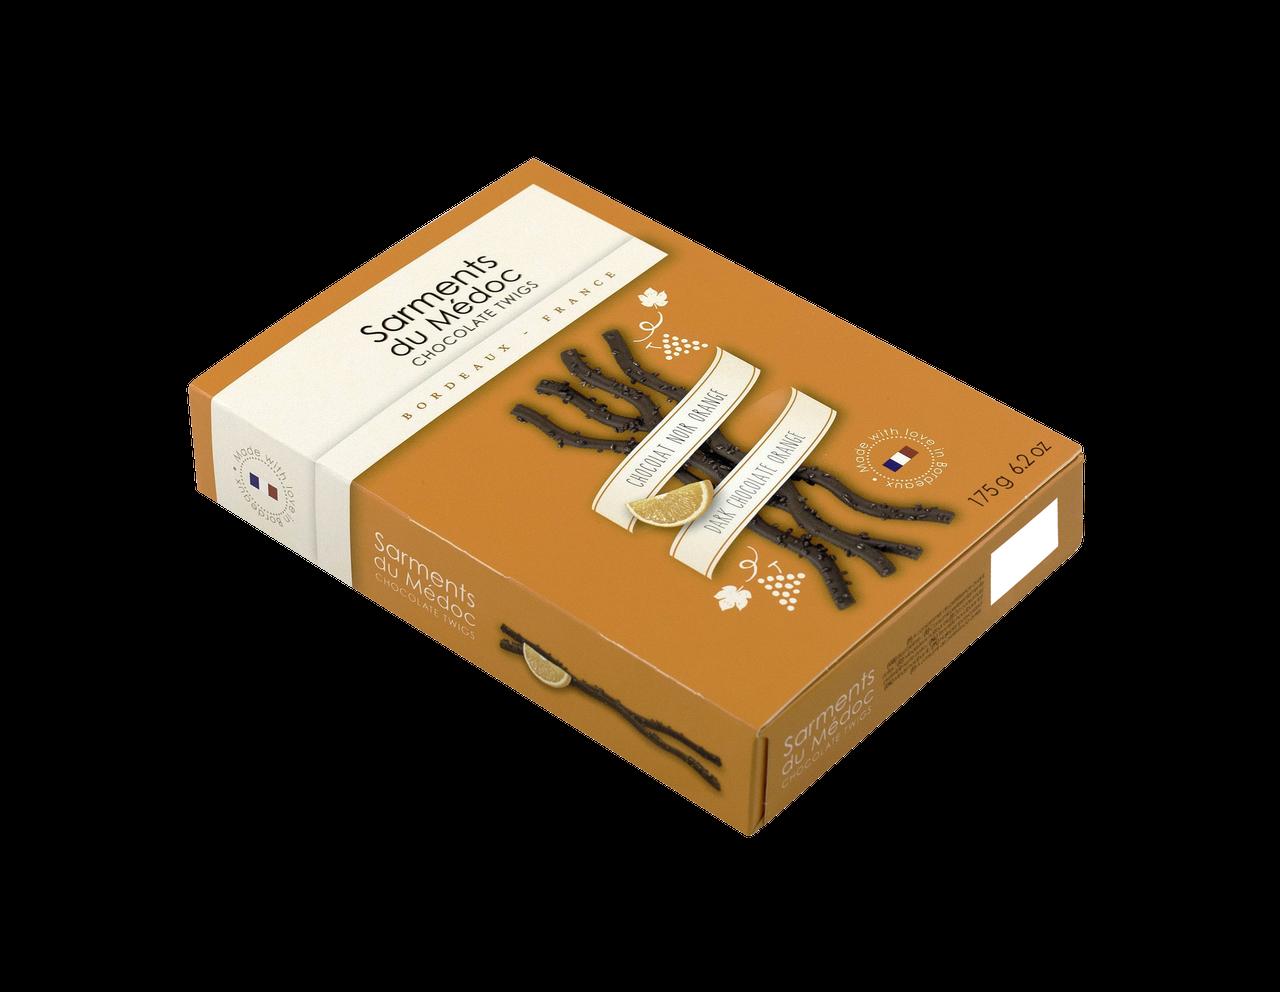 Révillon Sarments du Médoc / dark Chocolate with Orange flavor (2.1 oZ/ 60g)